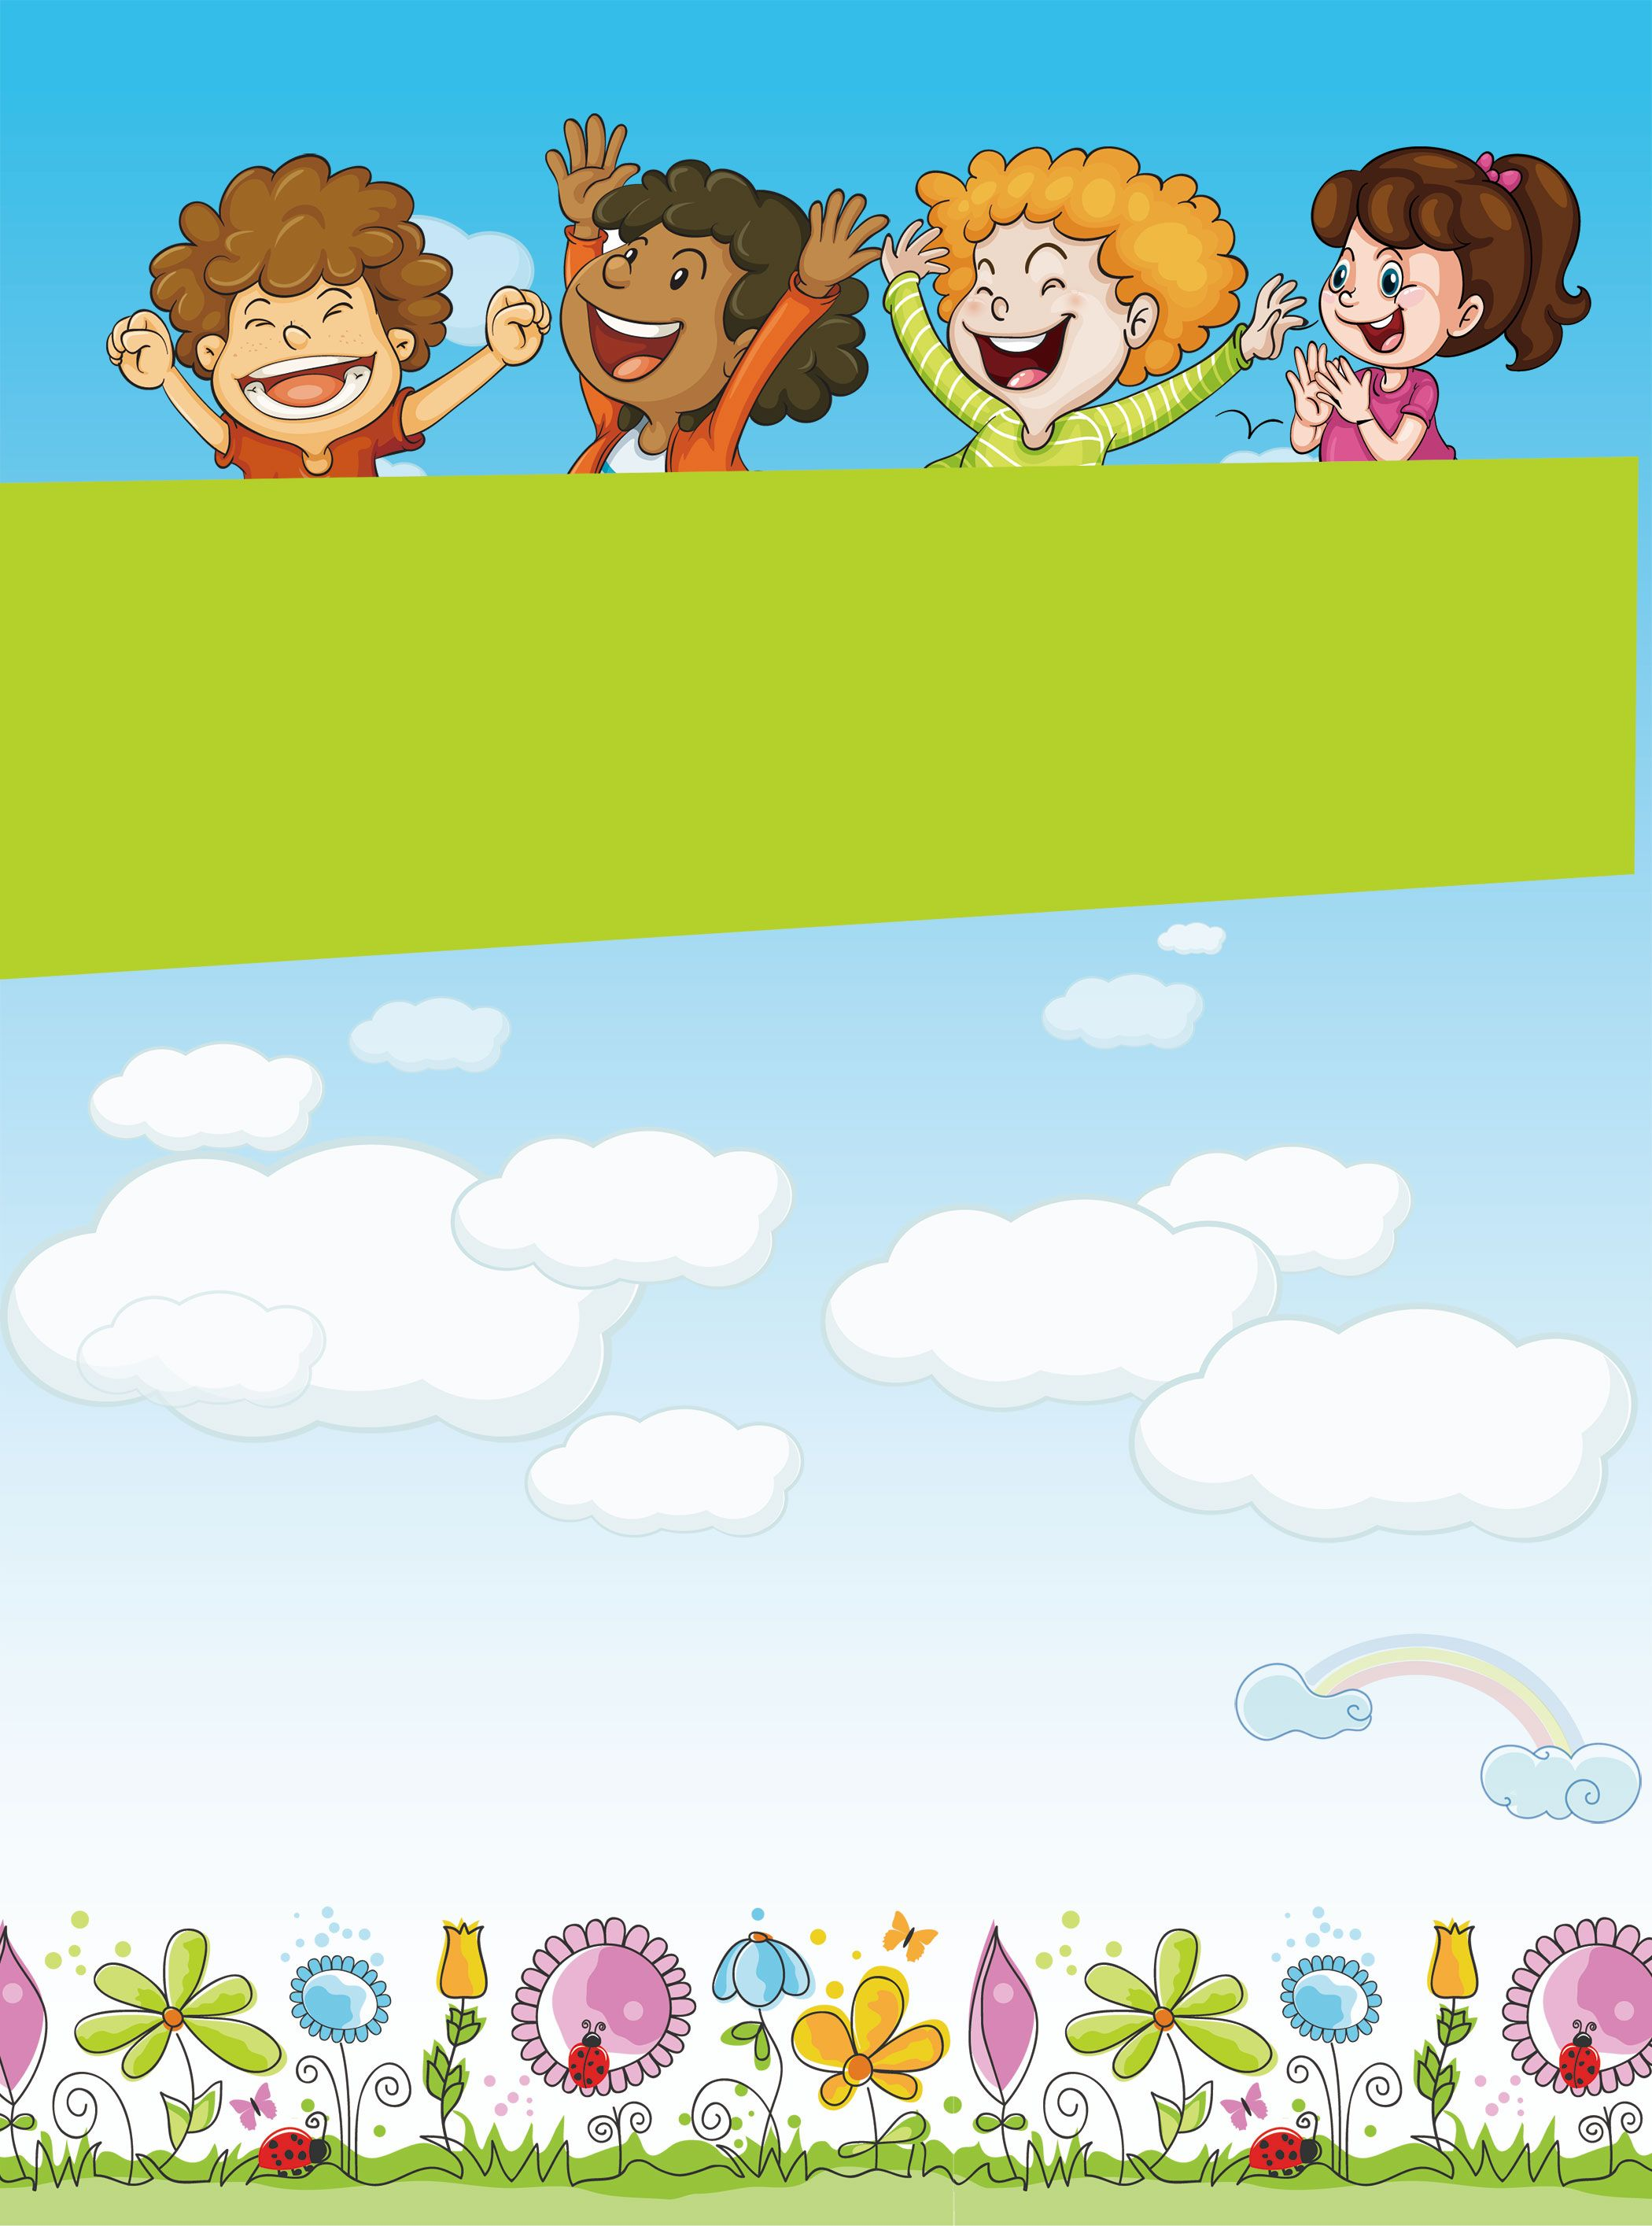 Children S Day Background Image Children S Day Activities Children S Day Poster International Children S Day